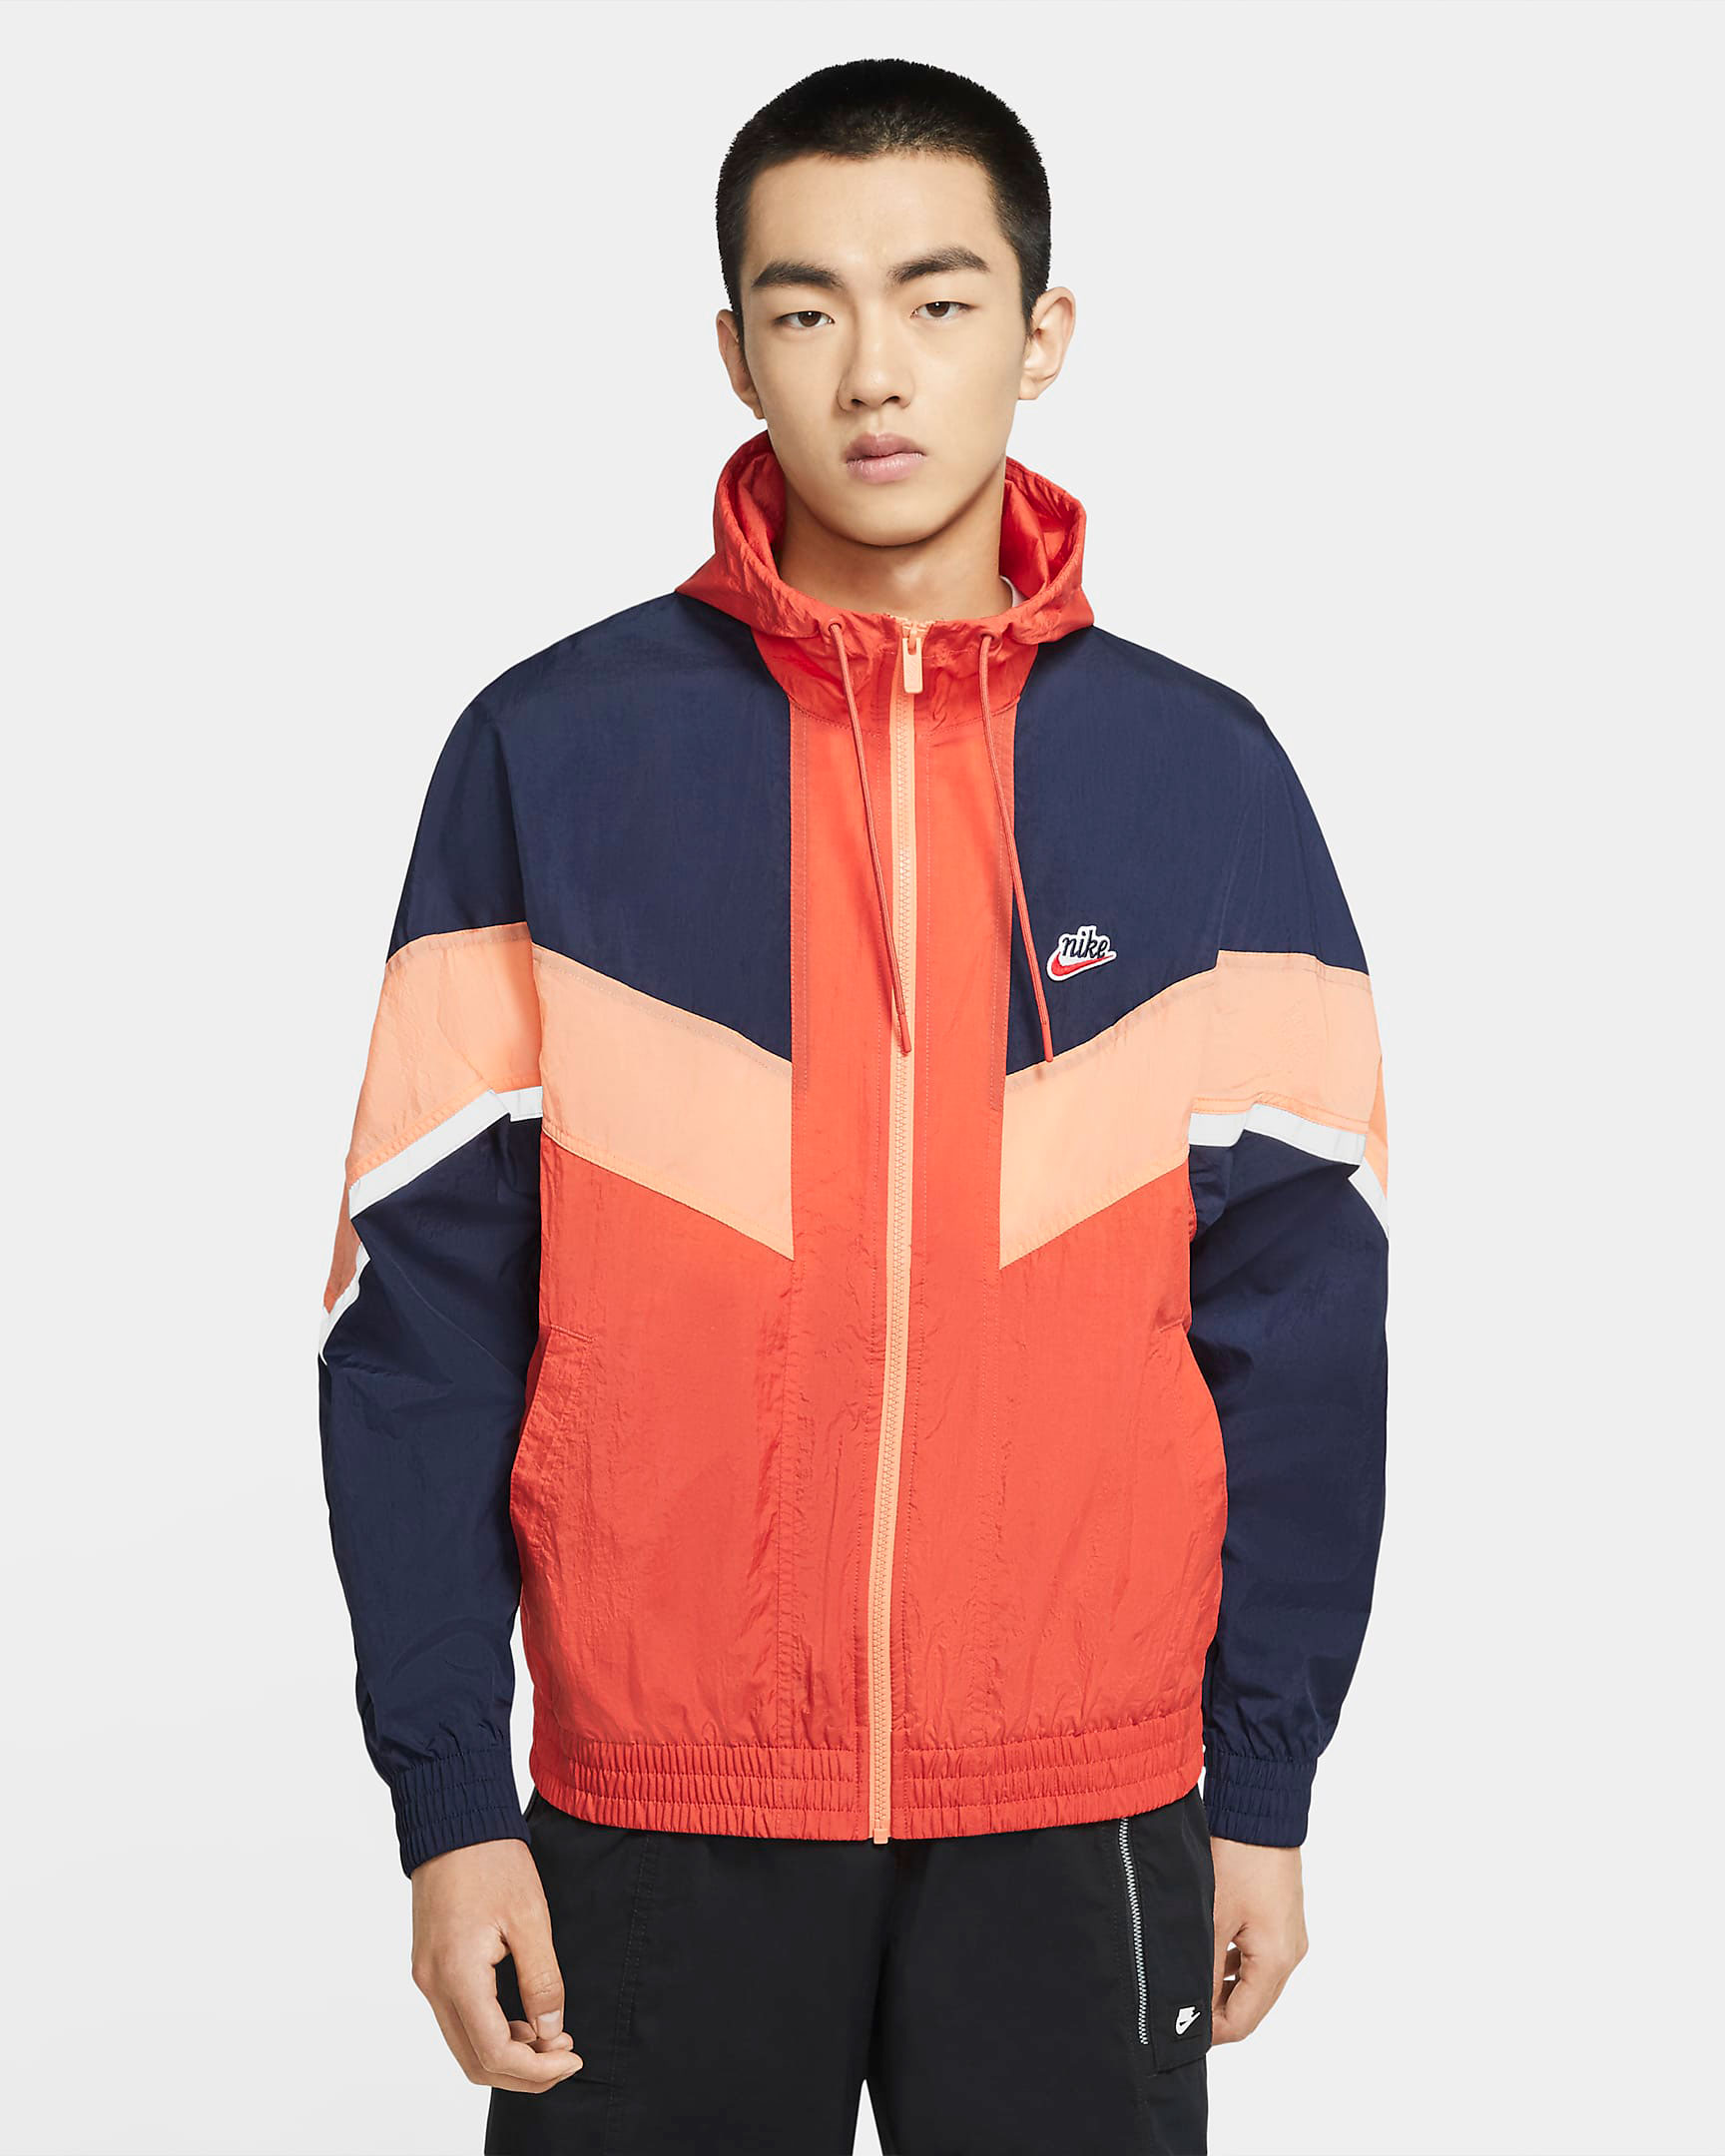 nike-air-force-1-craft-mantra-orange-jacket